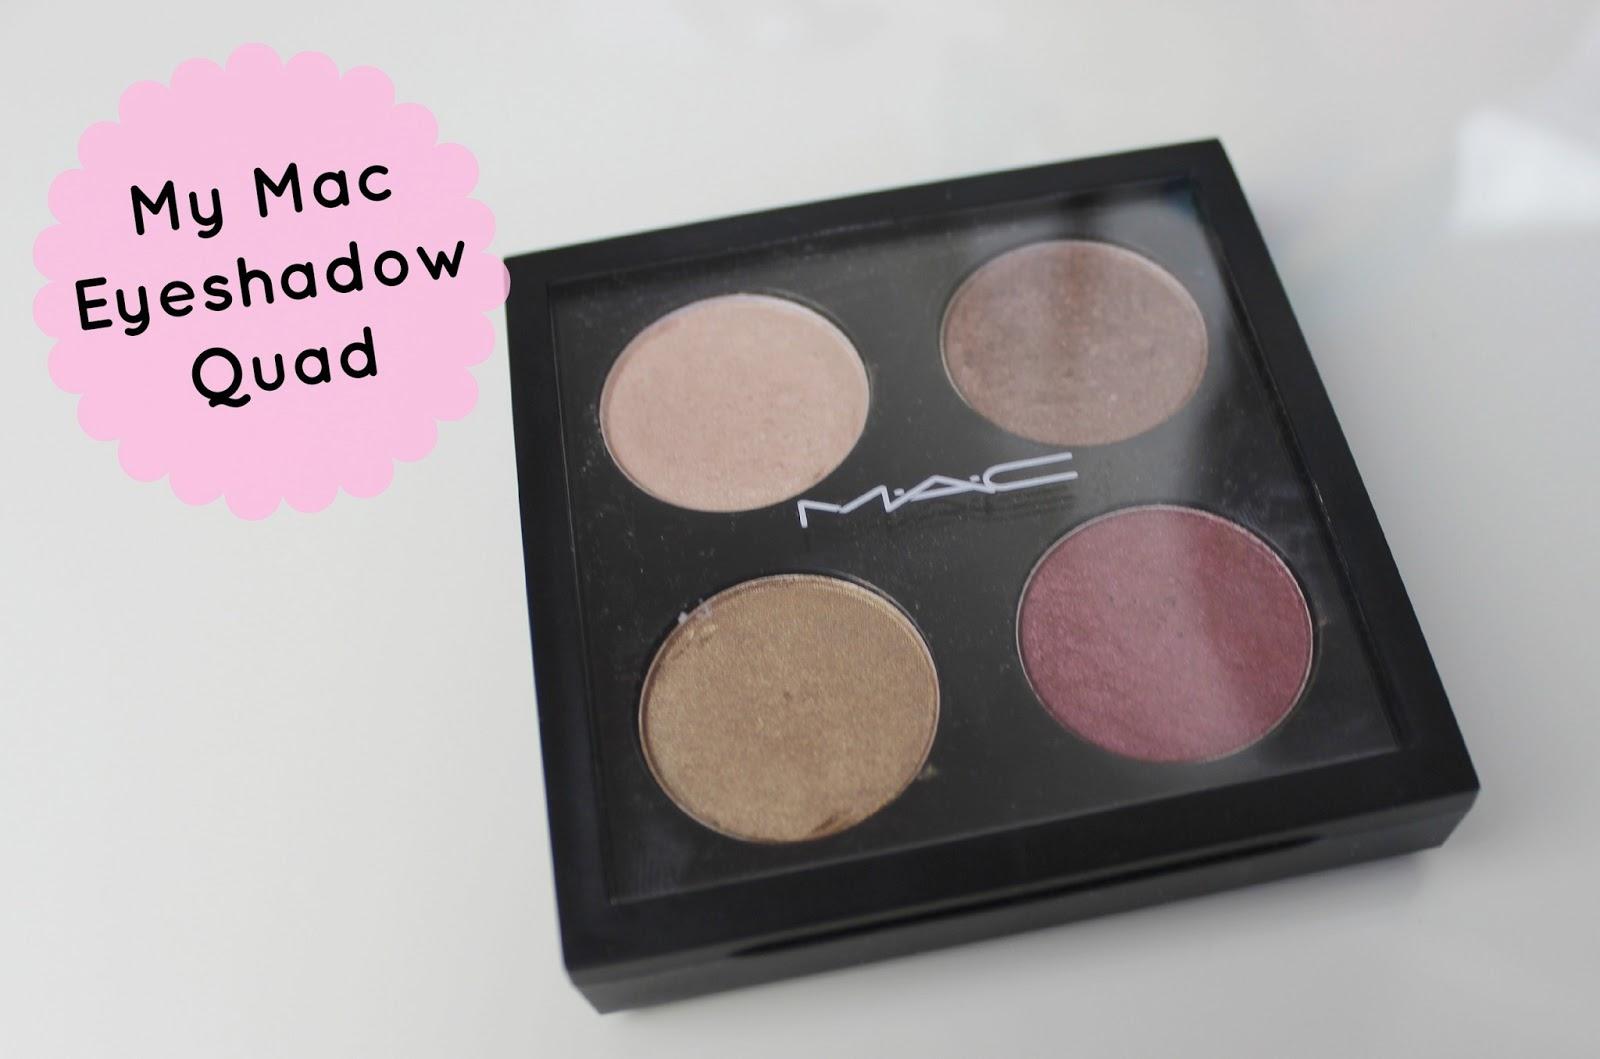 My Mac Eyeshadow Quad